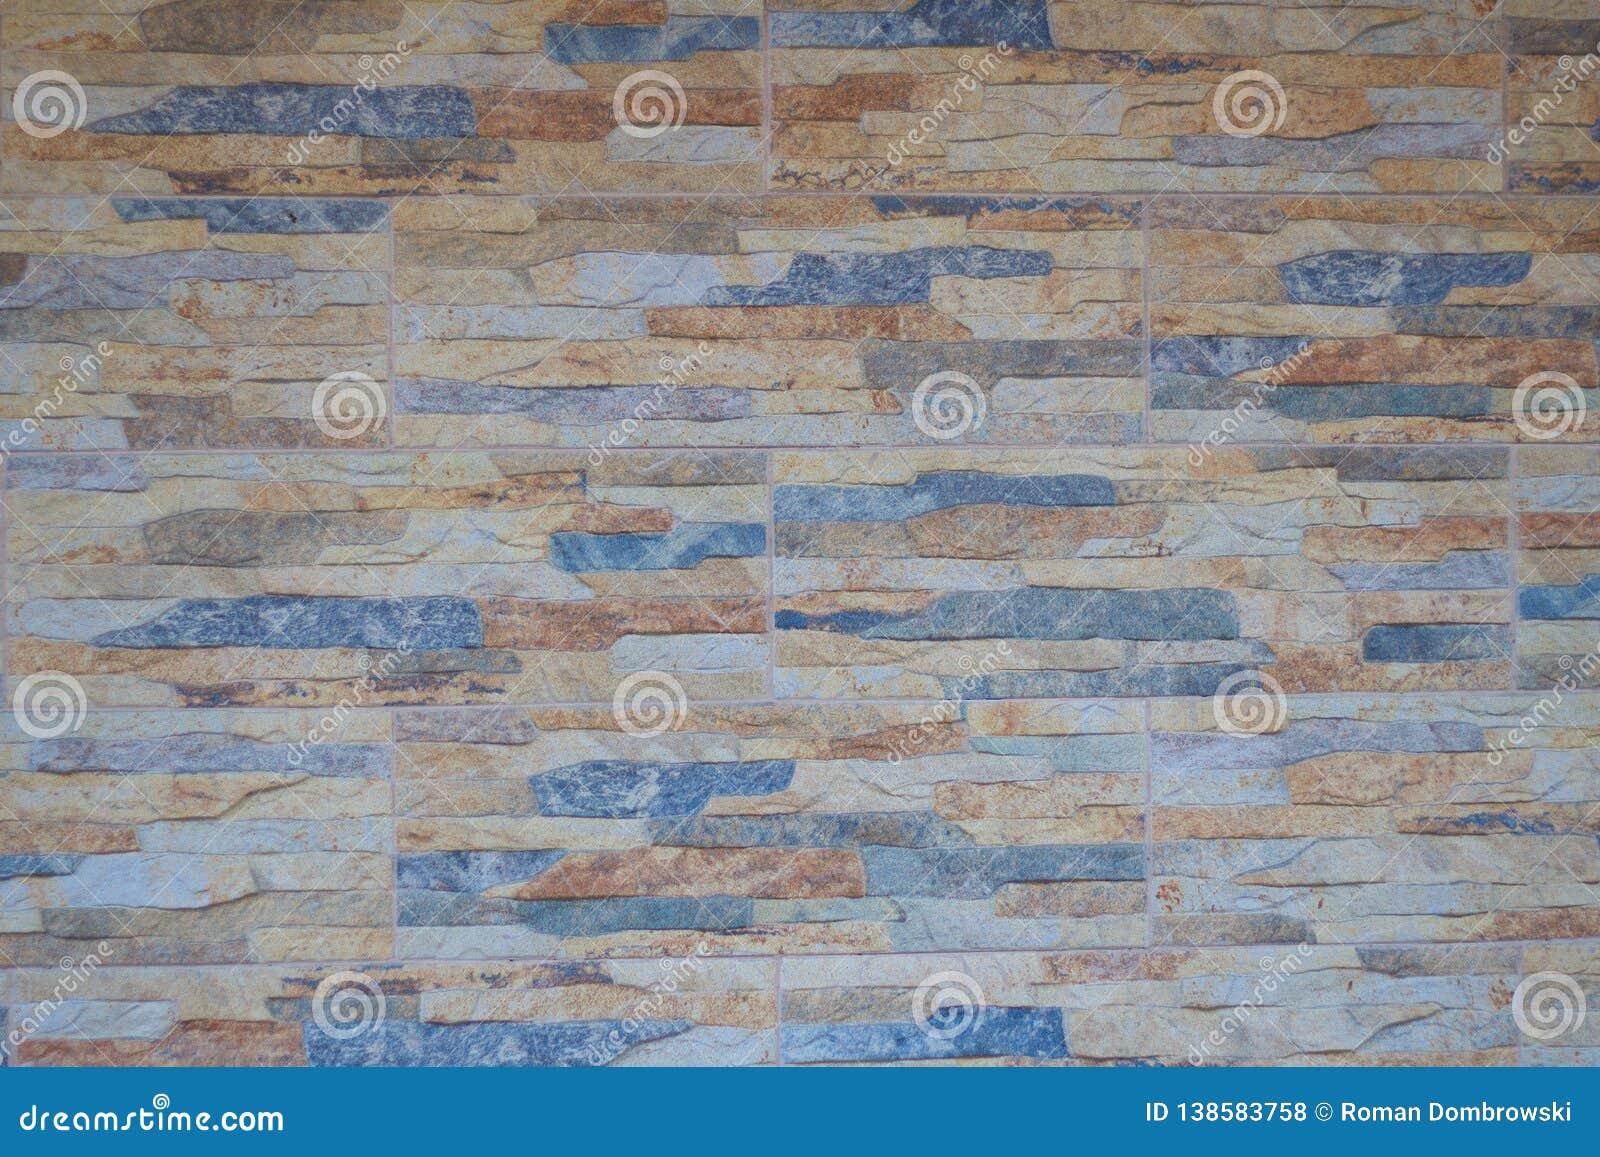 Mehrfarben Beschaffenheitshintergrund der keramischen SteinBacksteinmauer vom schönen Farbfür KunstInnenarchitektur im Haus, Haus